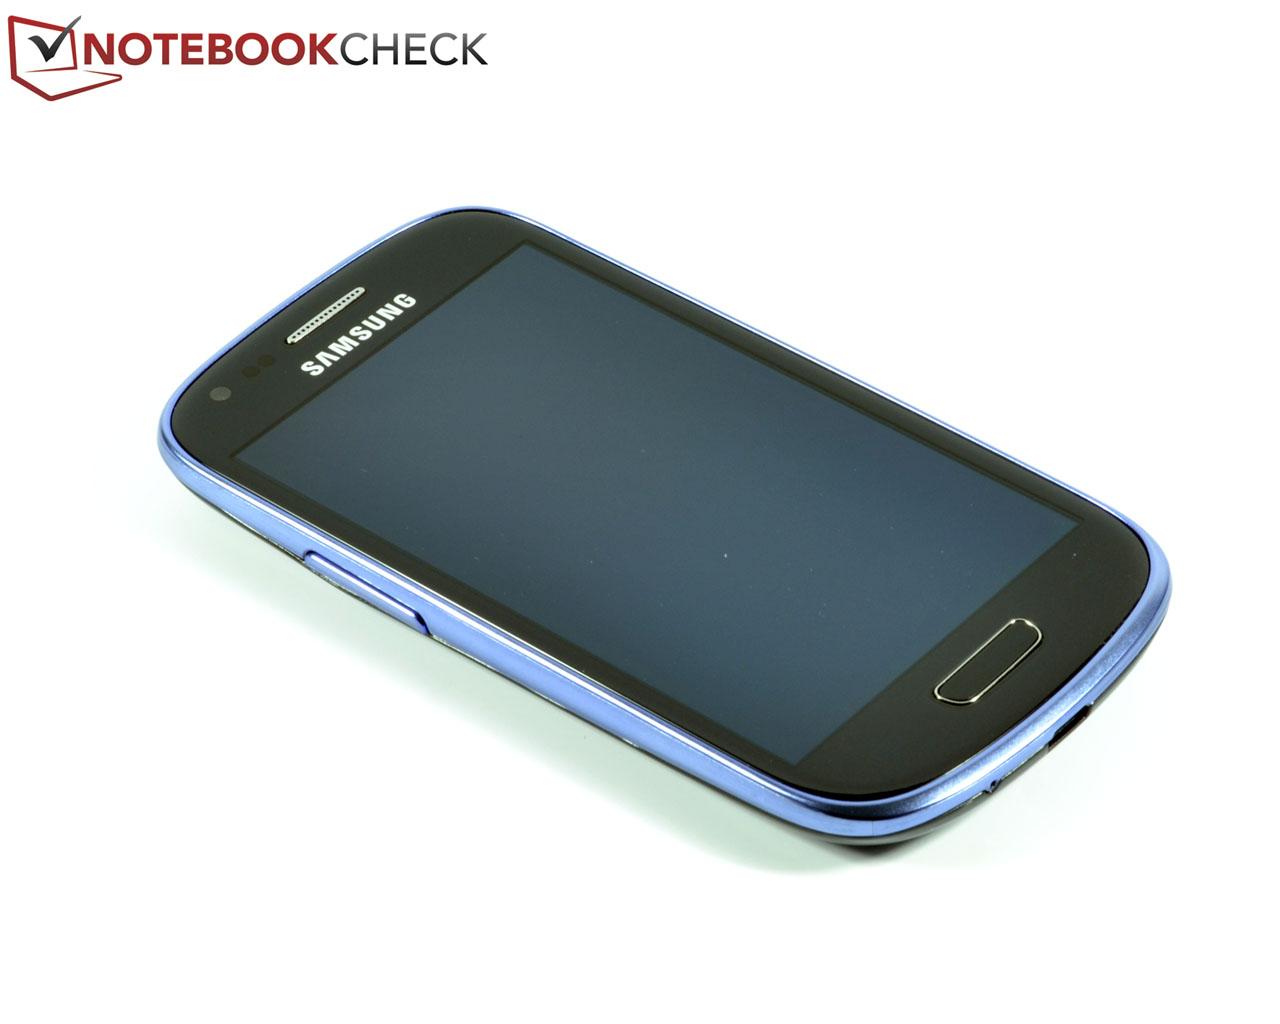 Smartphone Samsung Galaxy S4 Mini Gt I9192: Test Samsung S3 Mini GT-I8190 Smartphone